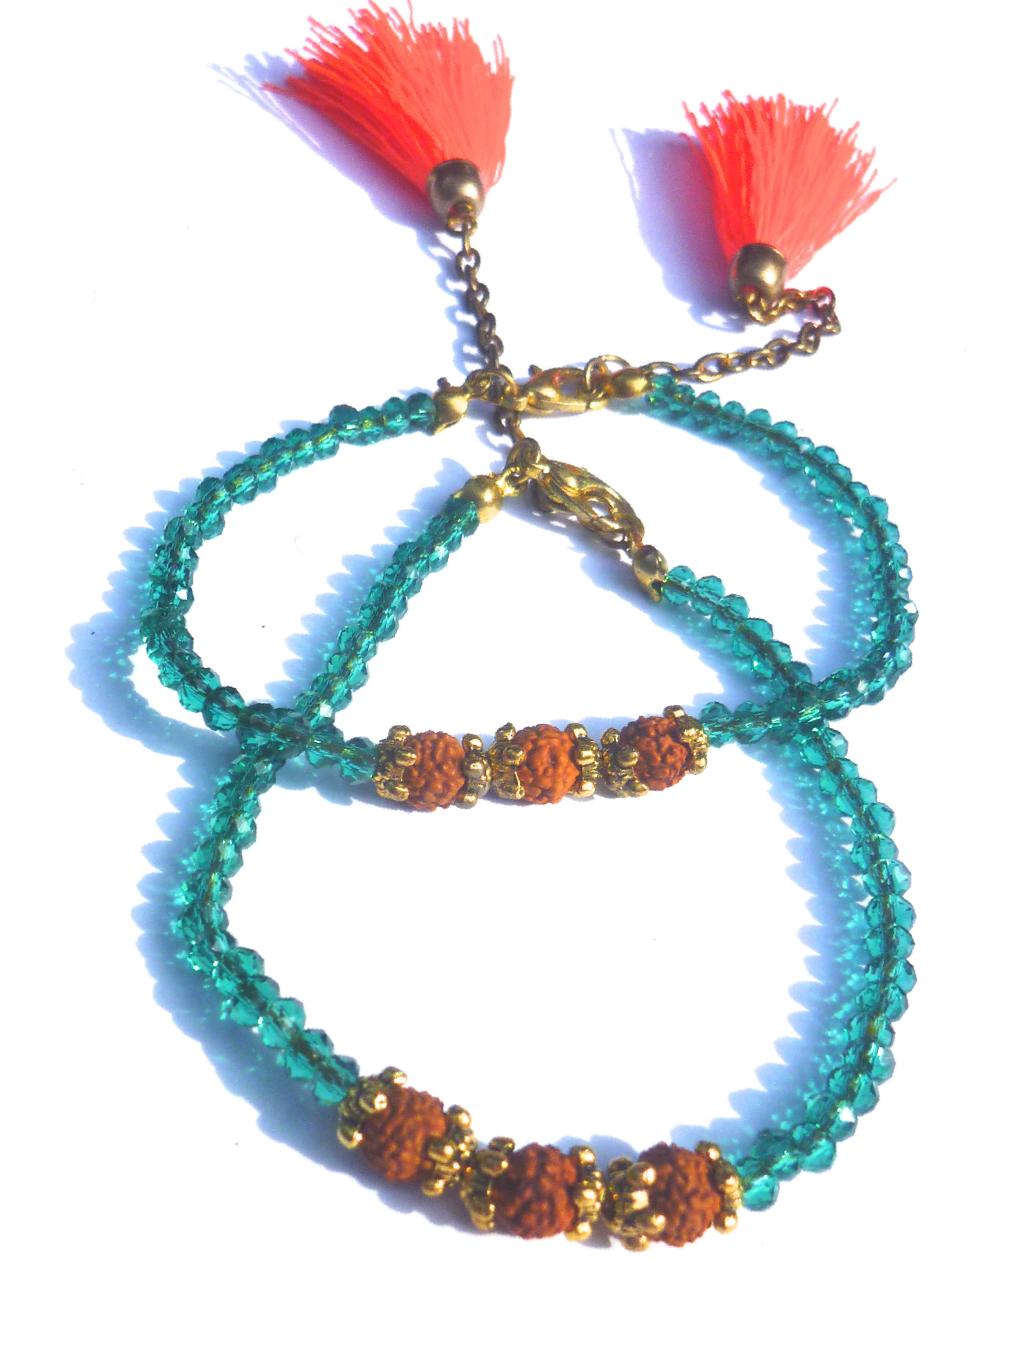 Balinese Mala Tassel Bracelets- Bright 'Mohawk' Style - $6 + range of styles*